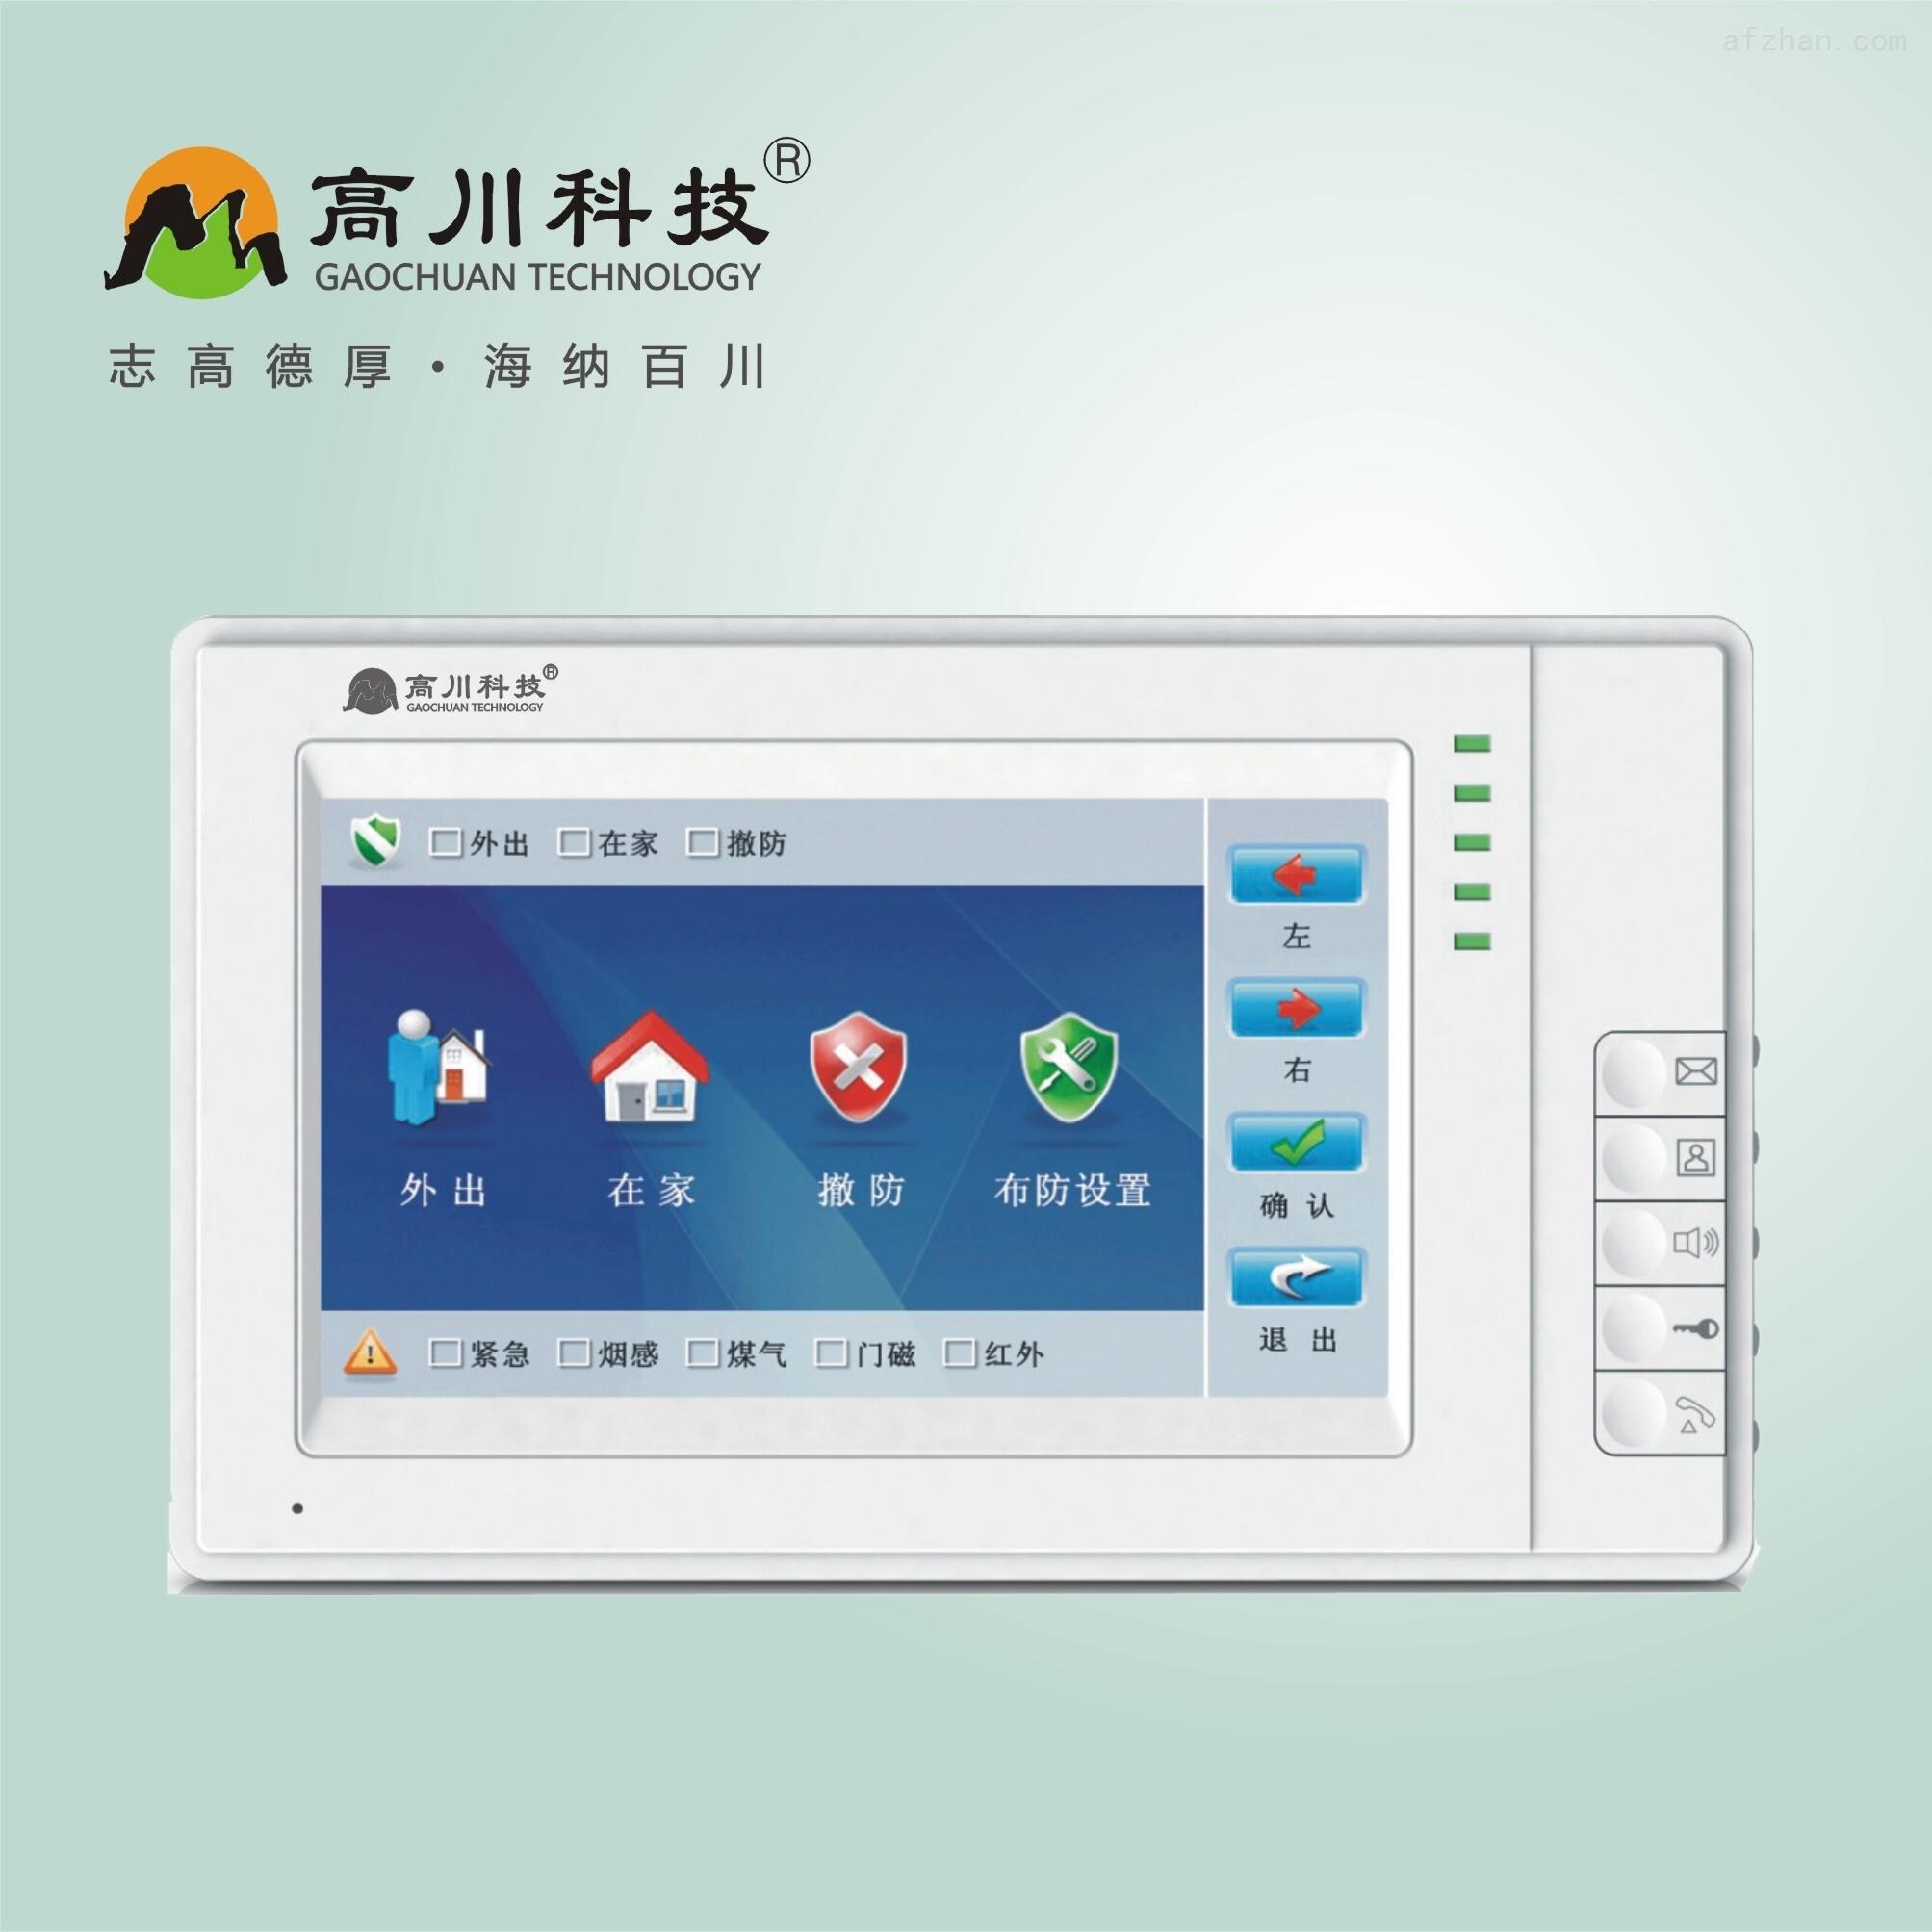 产品特点: 1、彩色室内分机GC-H6款7寸彩屏智能楼宇对讲分机机壳韧性度高,不易损坏。 2、.该机子主要适用于2009-2网线系统,相对980.2001-2等系统在线材方面可以节省成本。 3、外观简约,美观,.机身轻盈。 产品功能: 1、内置7寸彩色液晶屏,超薄机身设计整 体厚度18.5cm简洁大方。 2、内带紧急报警功能,可监视单元门口情况。 3、彩色室内分机GC-H6款7寸彩屏智能楼宇对讲分机可接二次确认门口机。 4、经典和弦音铃声。 5、创新的电路设计,图像清晰,通话音质效果完美。 6、彩色室内分